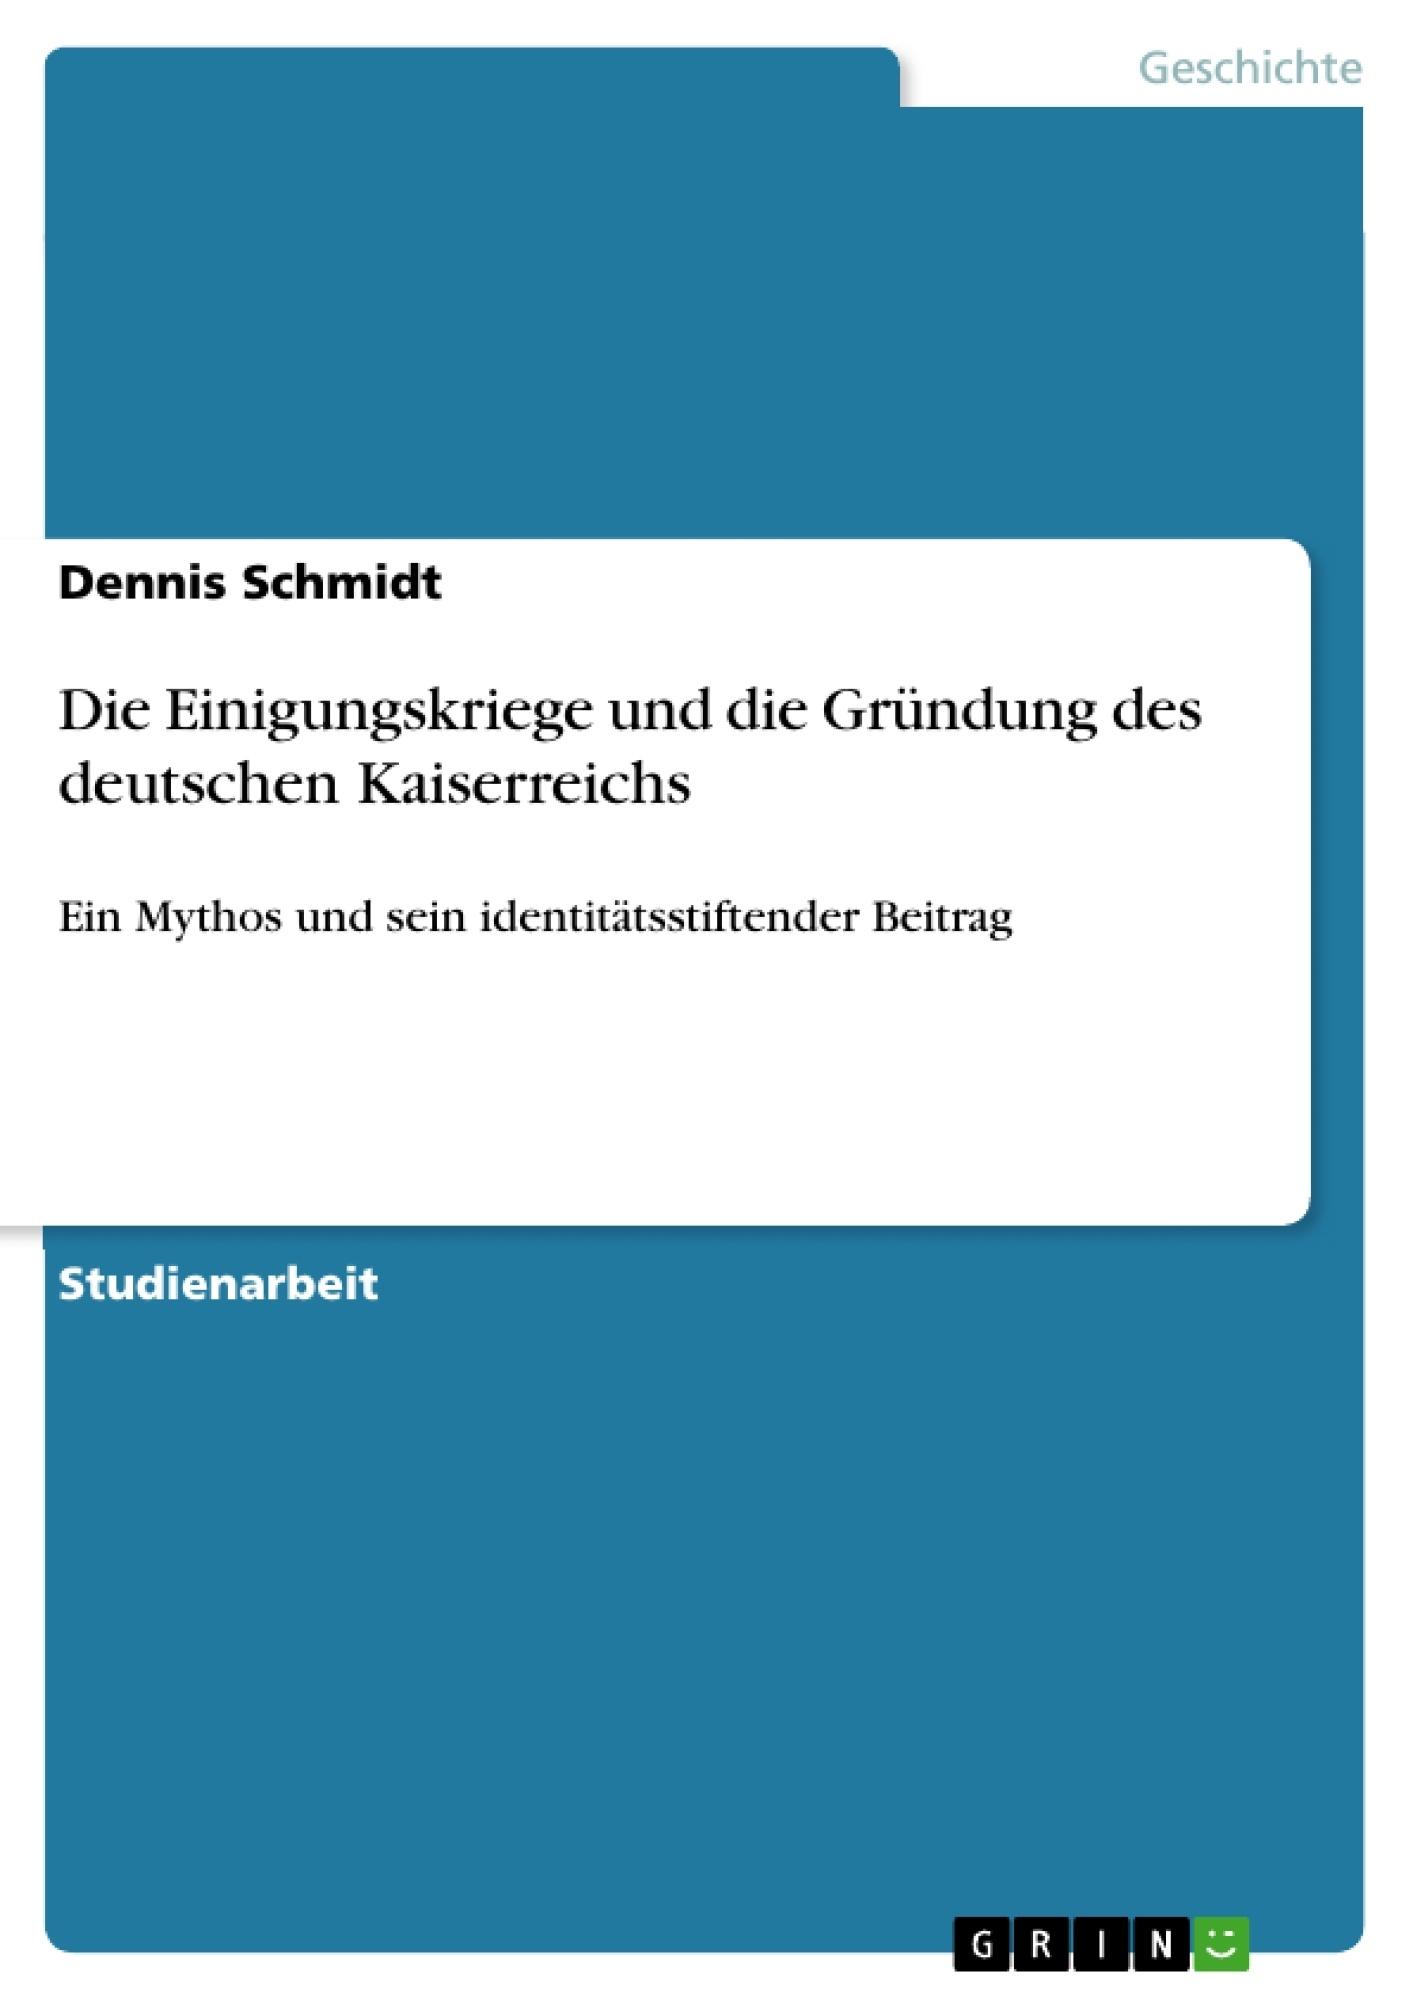 Titel: Die Einigungskriege und die Gründung des deutschen Kaiserreichs